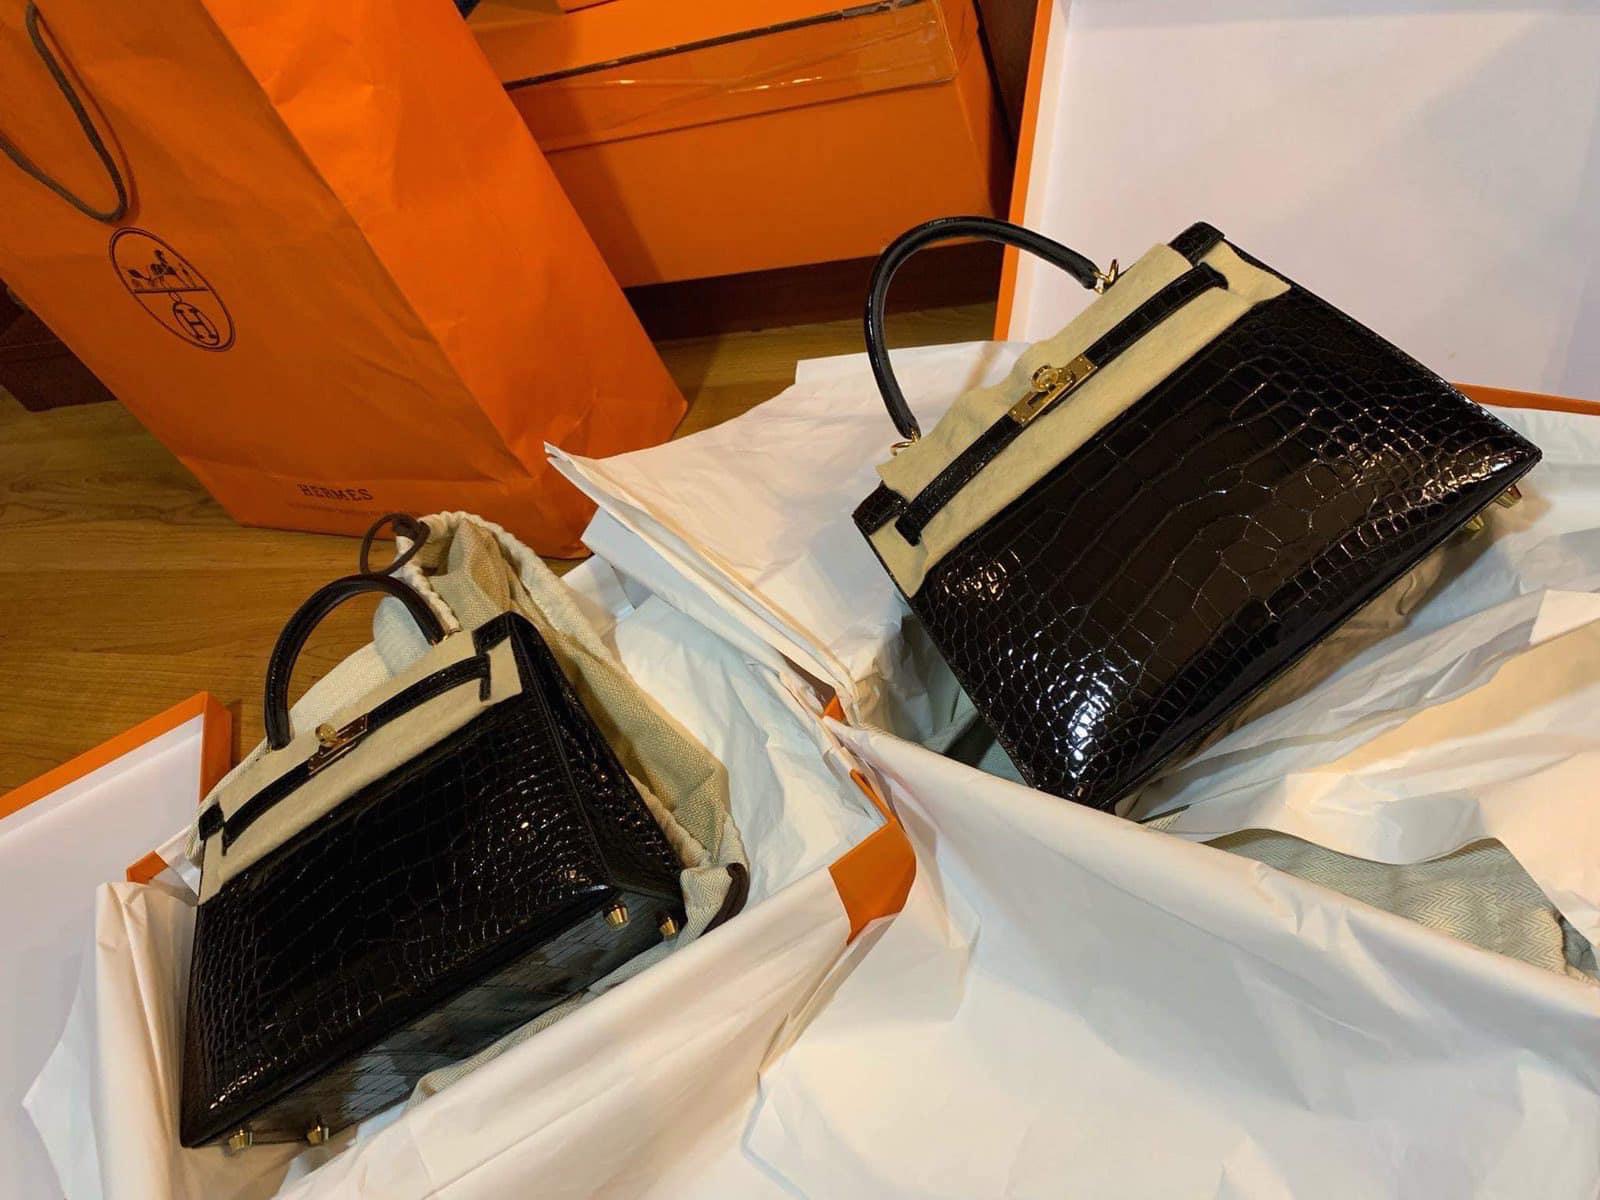 Hot: Tay chơi hàng hiệu ở Hà Nội phanh phui vụ việc đánh tráo túi Hermes 1,5 tỷ liên quan đến một stylist của sao Việt - Ảnh 4.